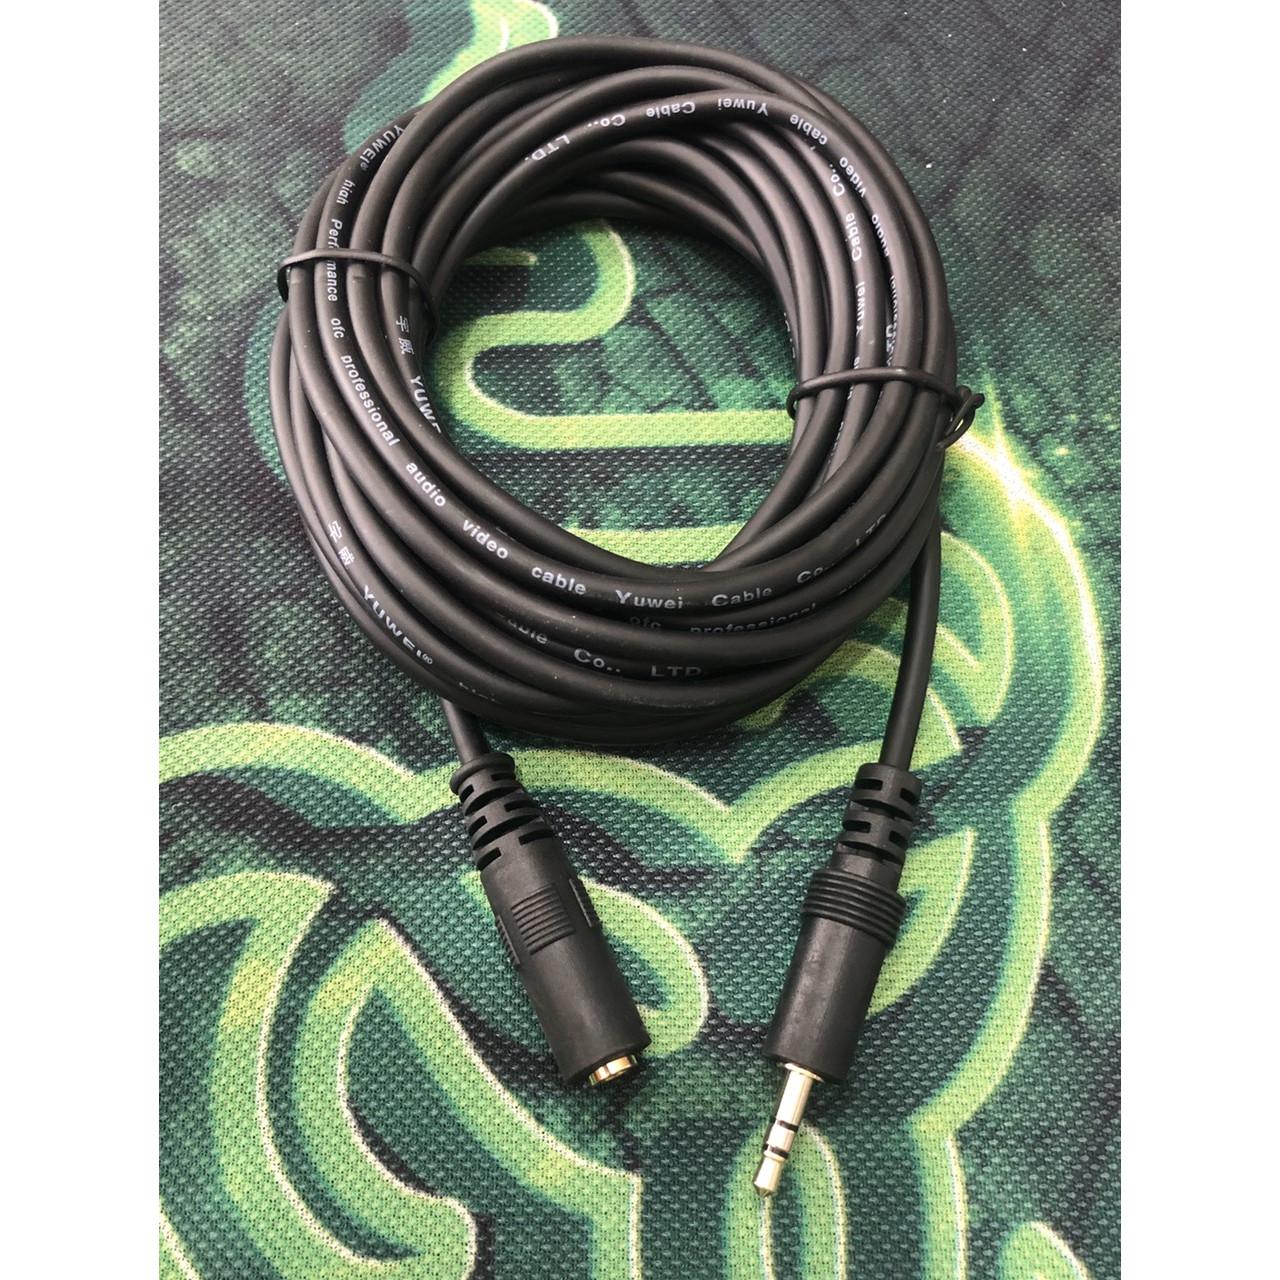 Dây nối loa-tai nghe màu đen dài 5 mét